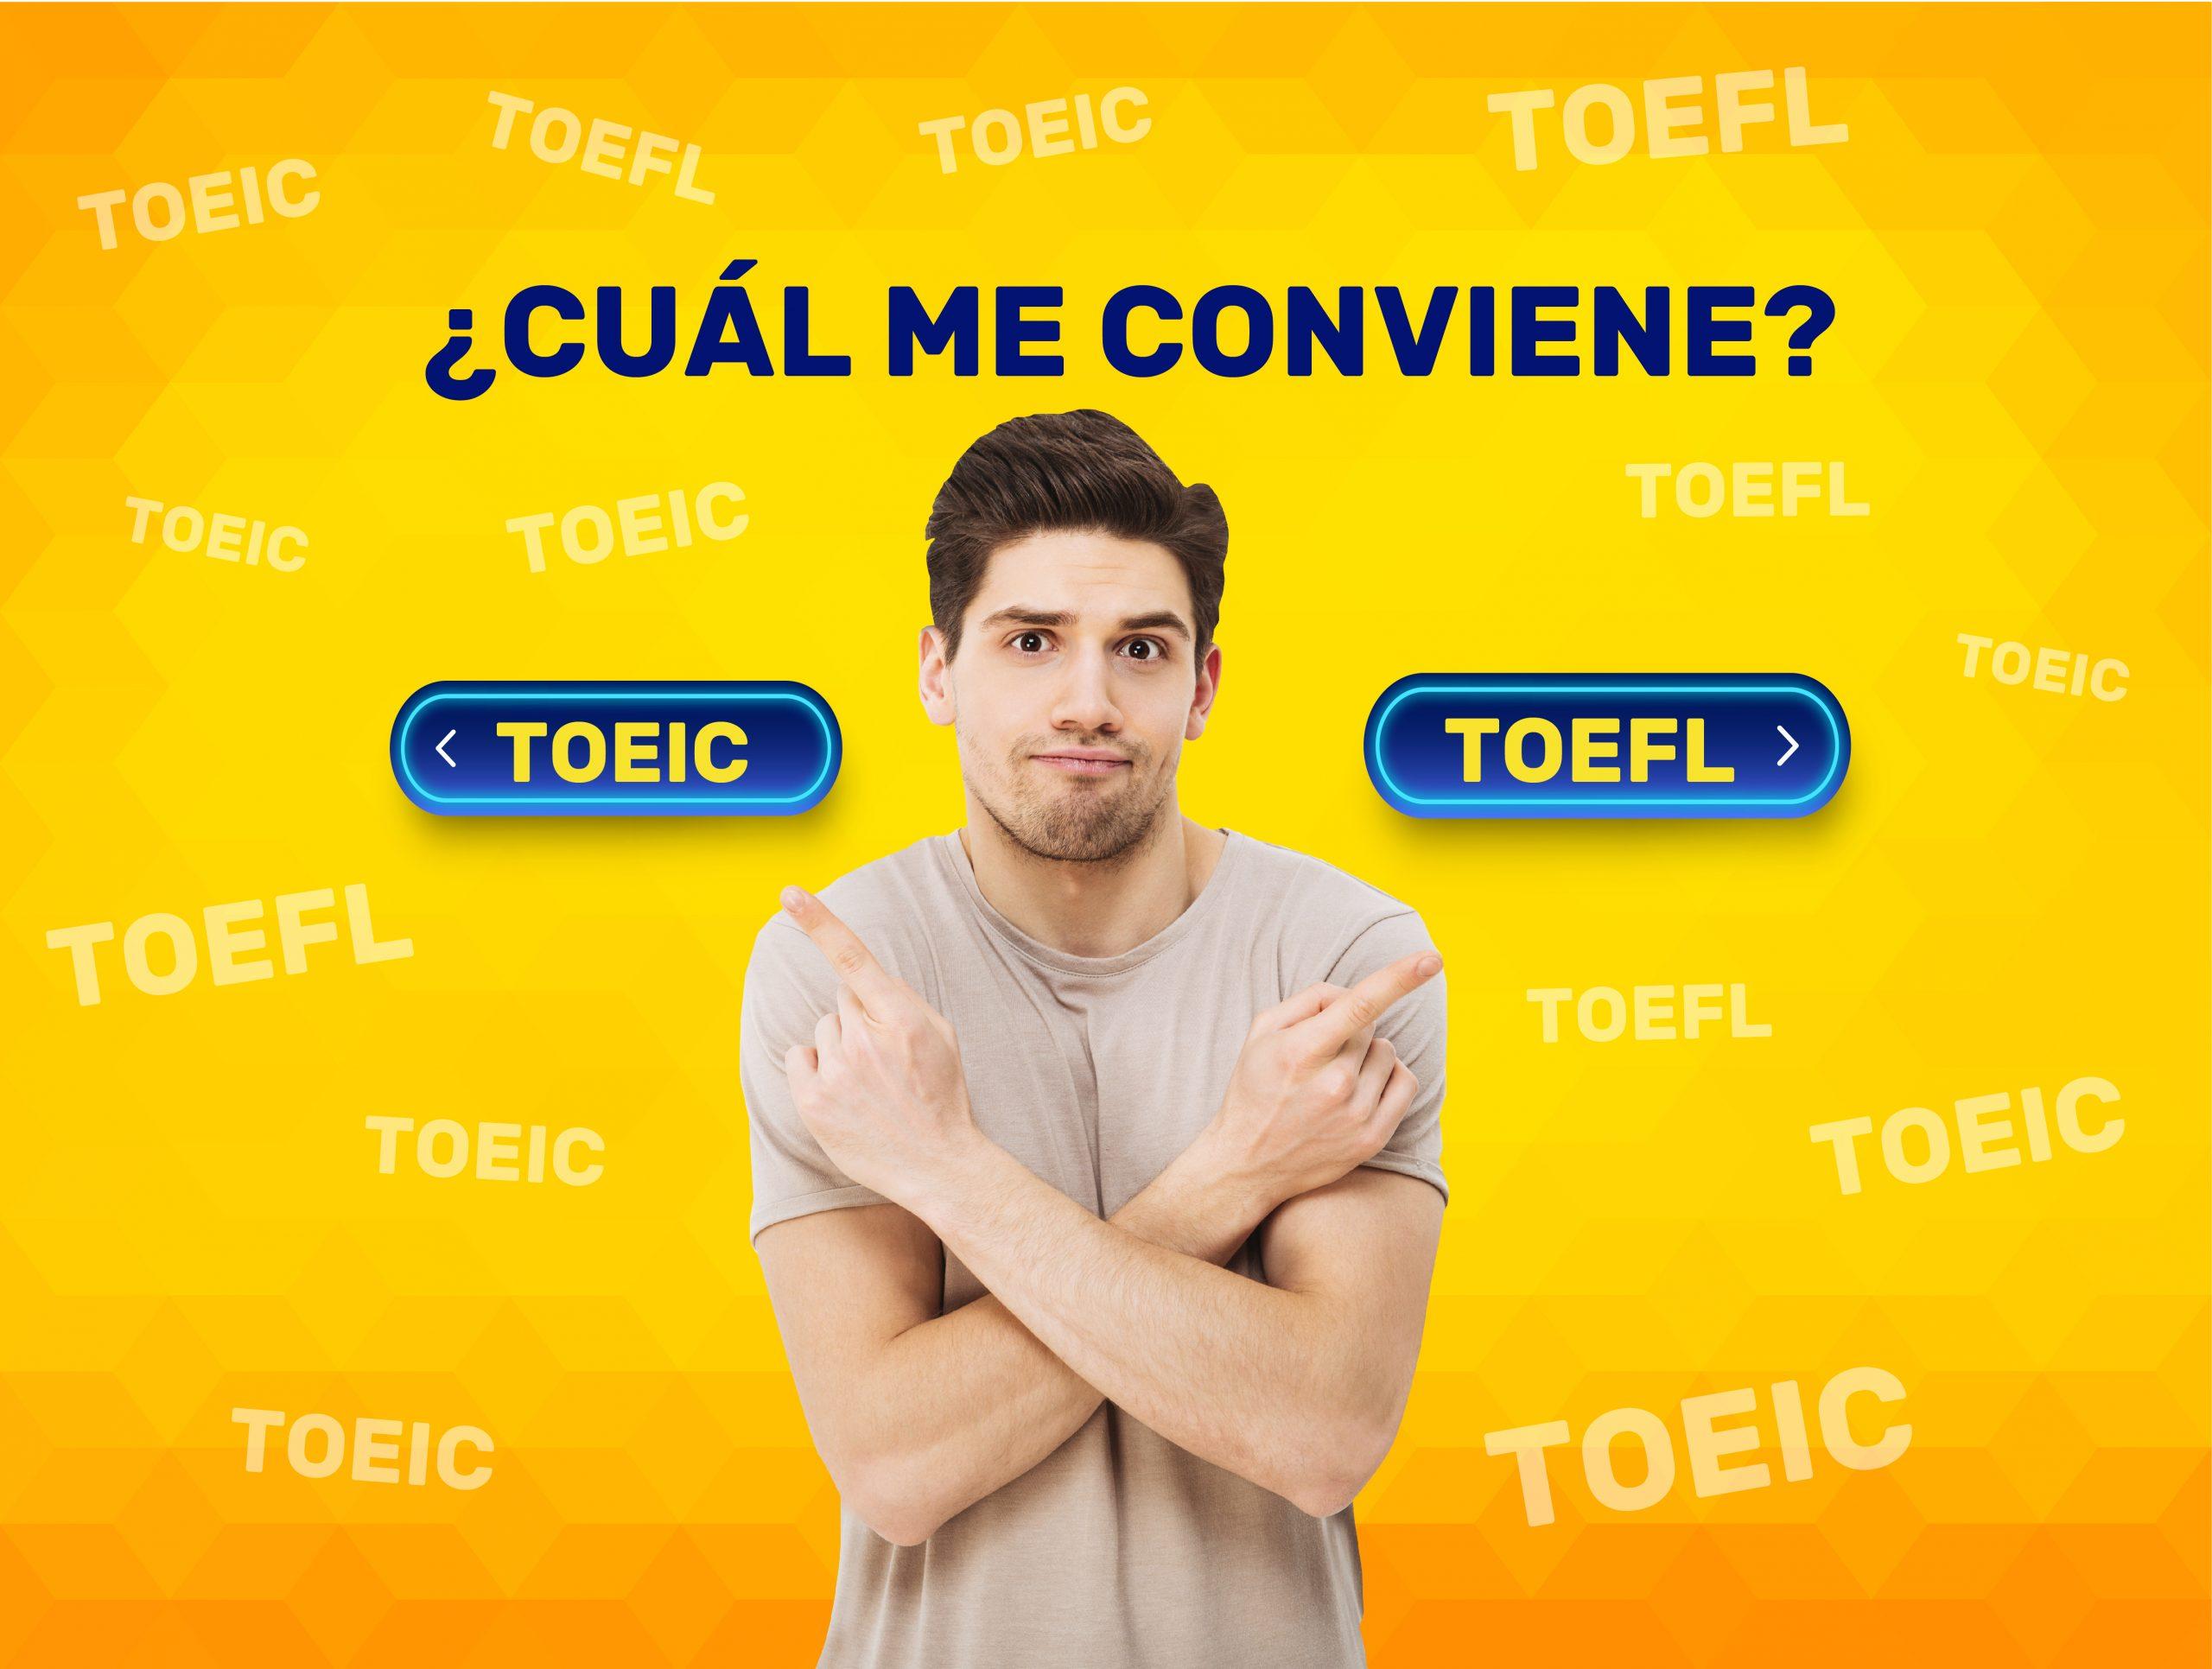 Pruebas TOEFL y TOEIC, certificaciones